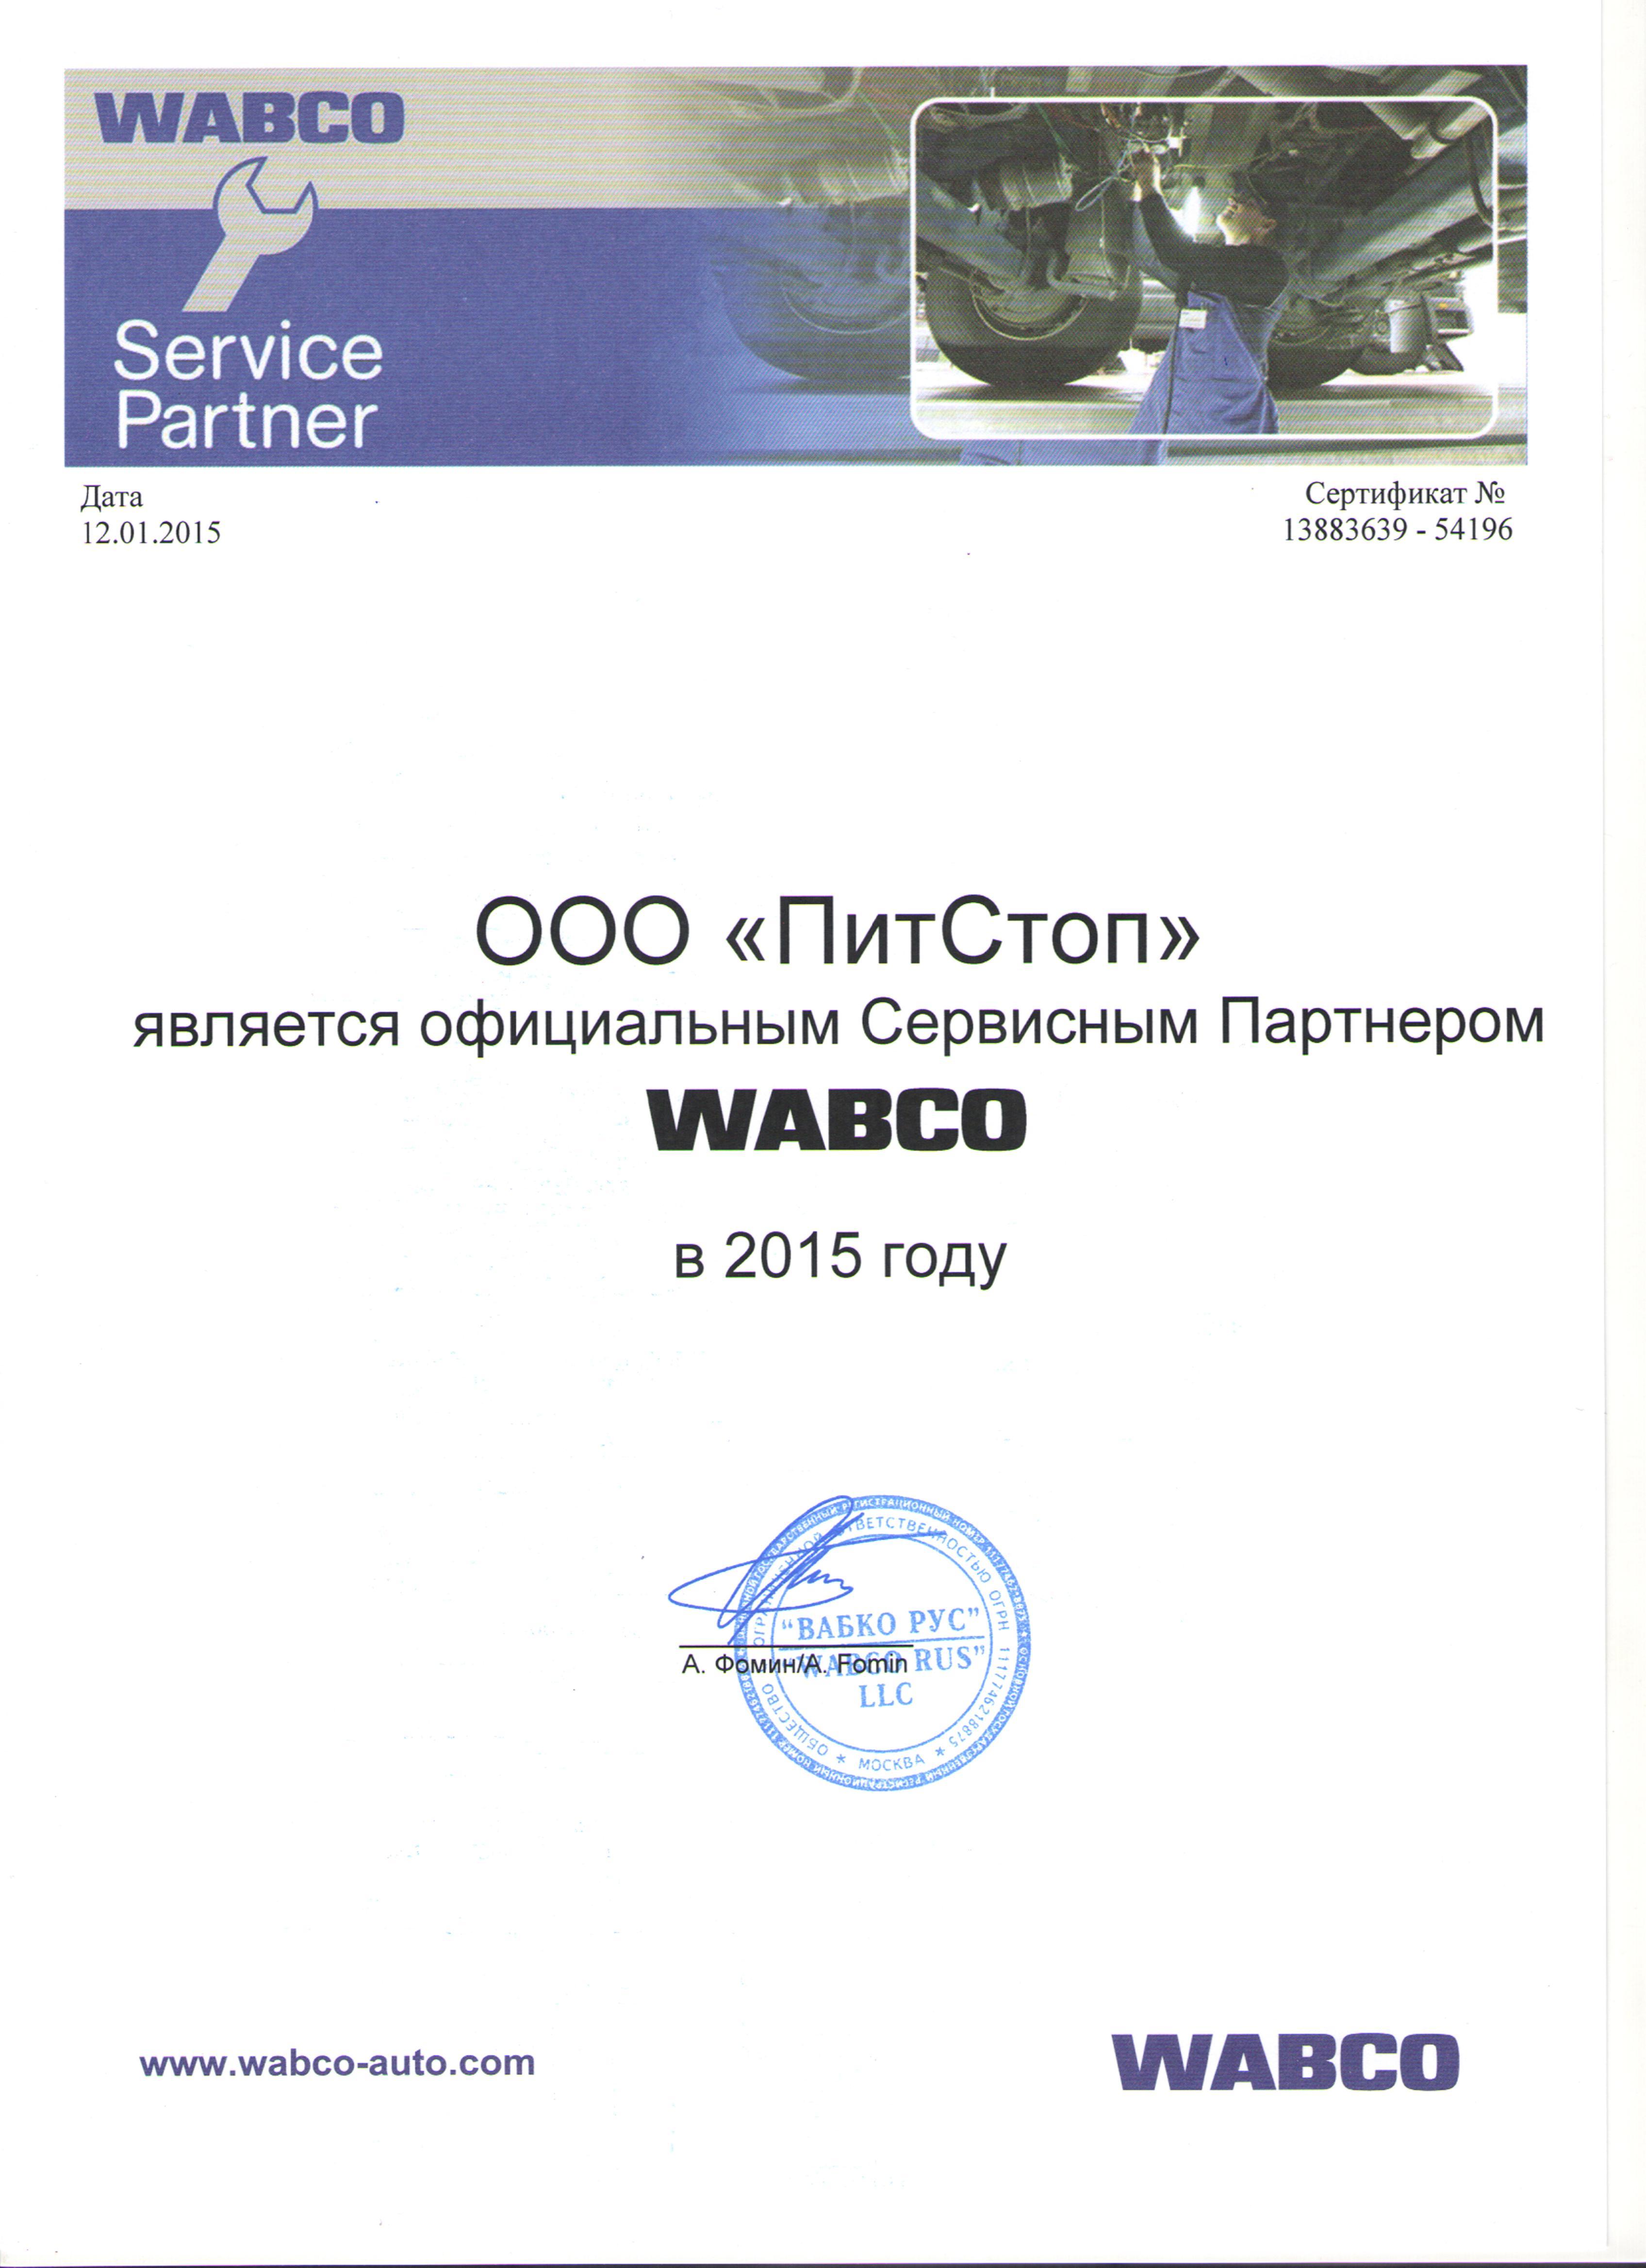 Wabco